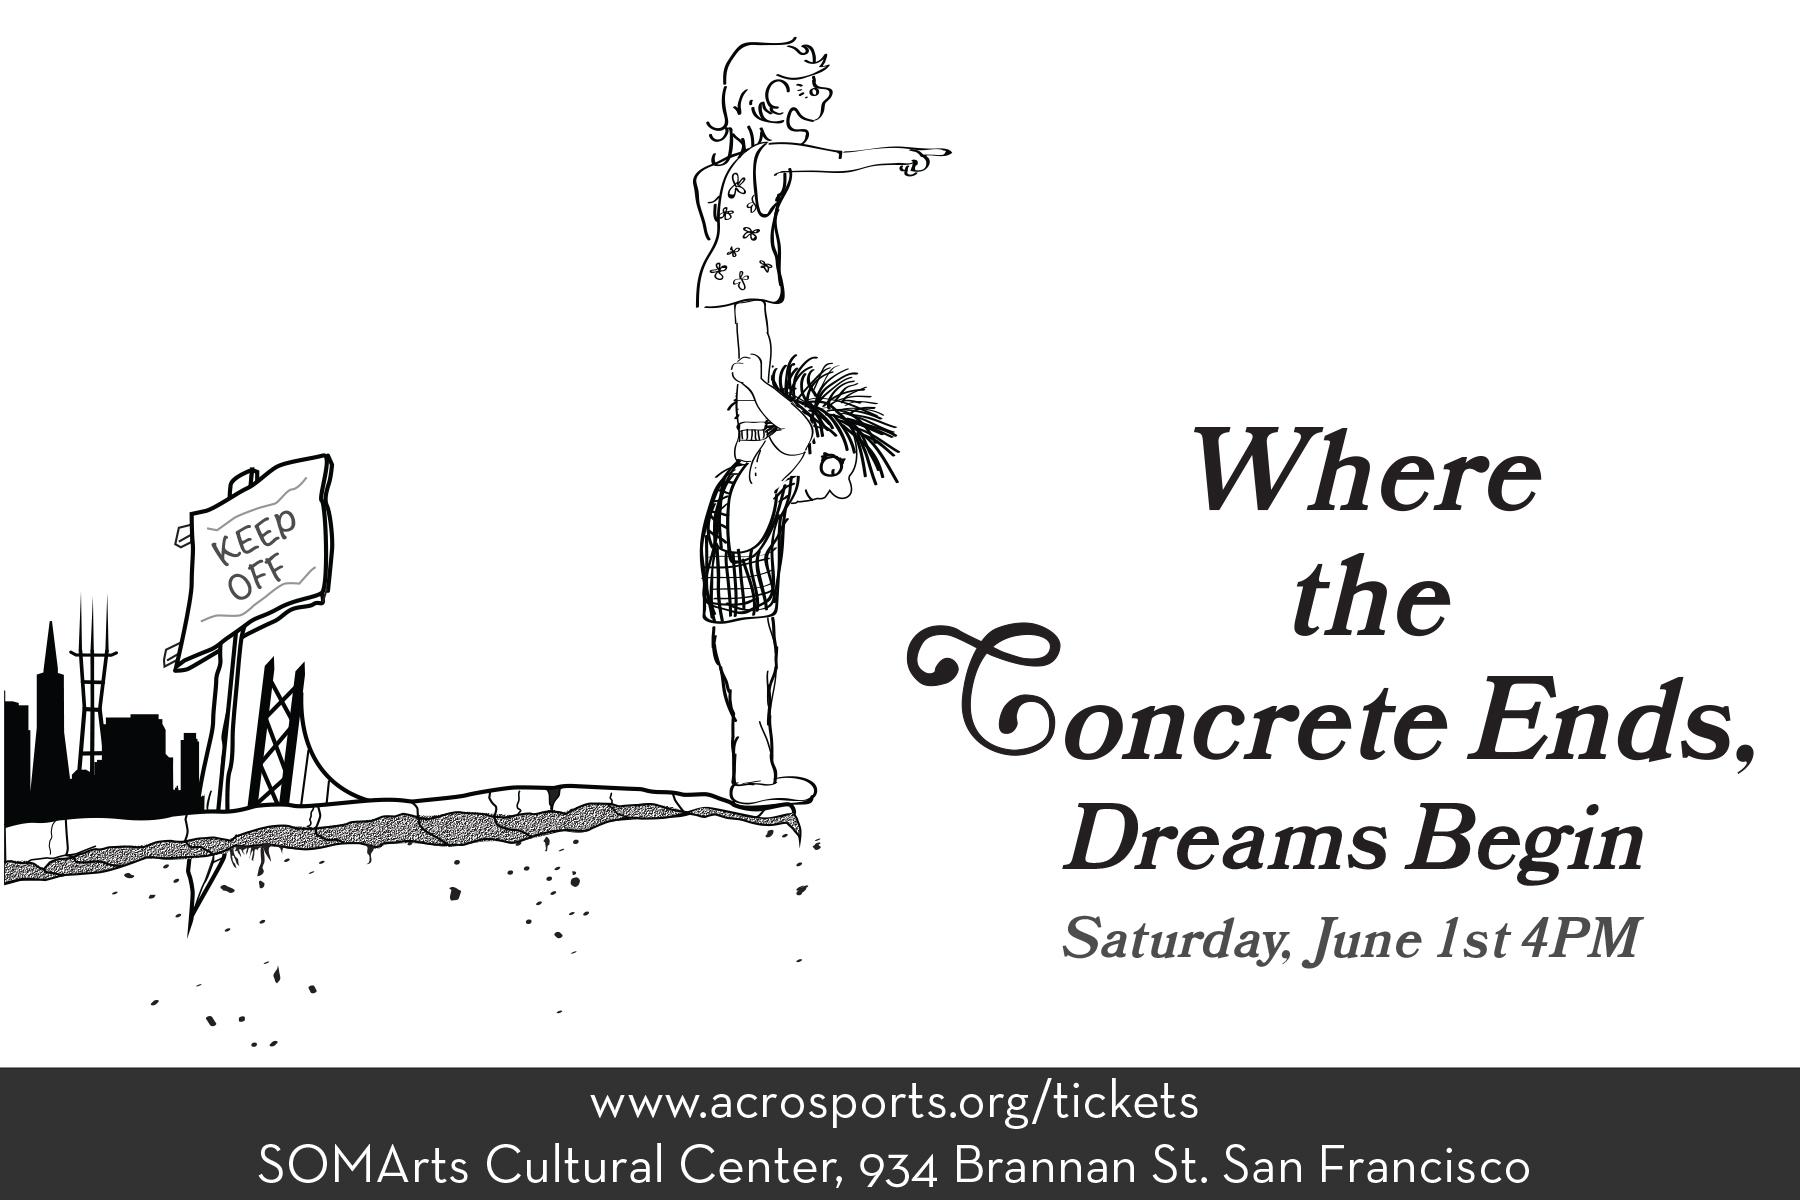 Concrete ends postcard FRONT.jpg